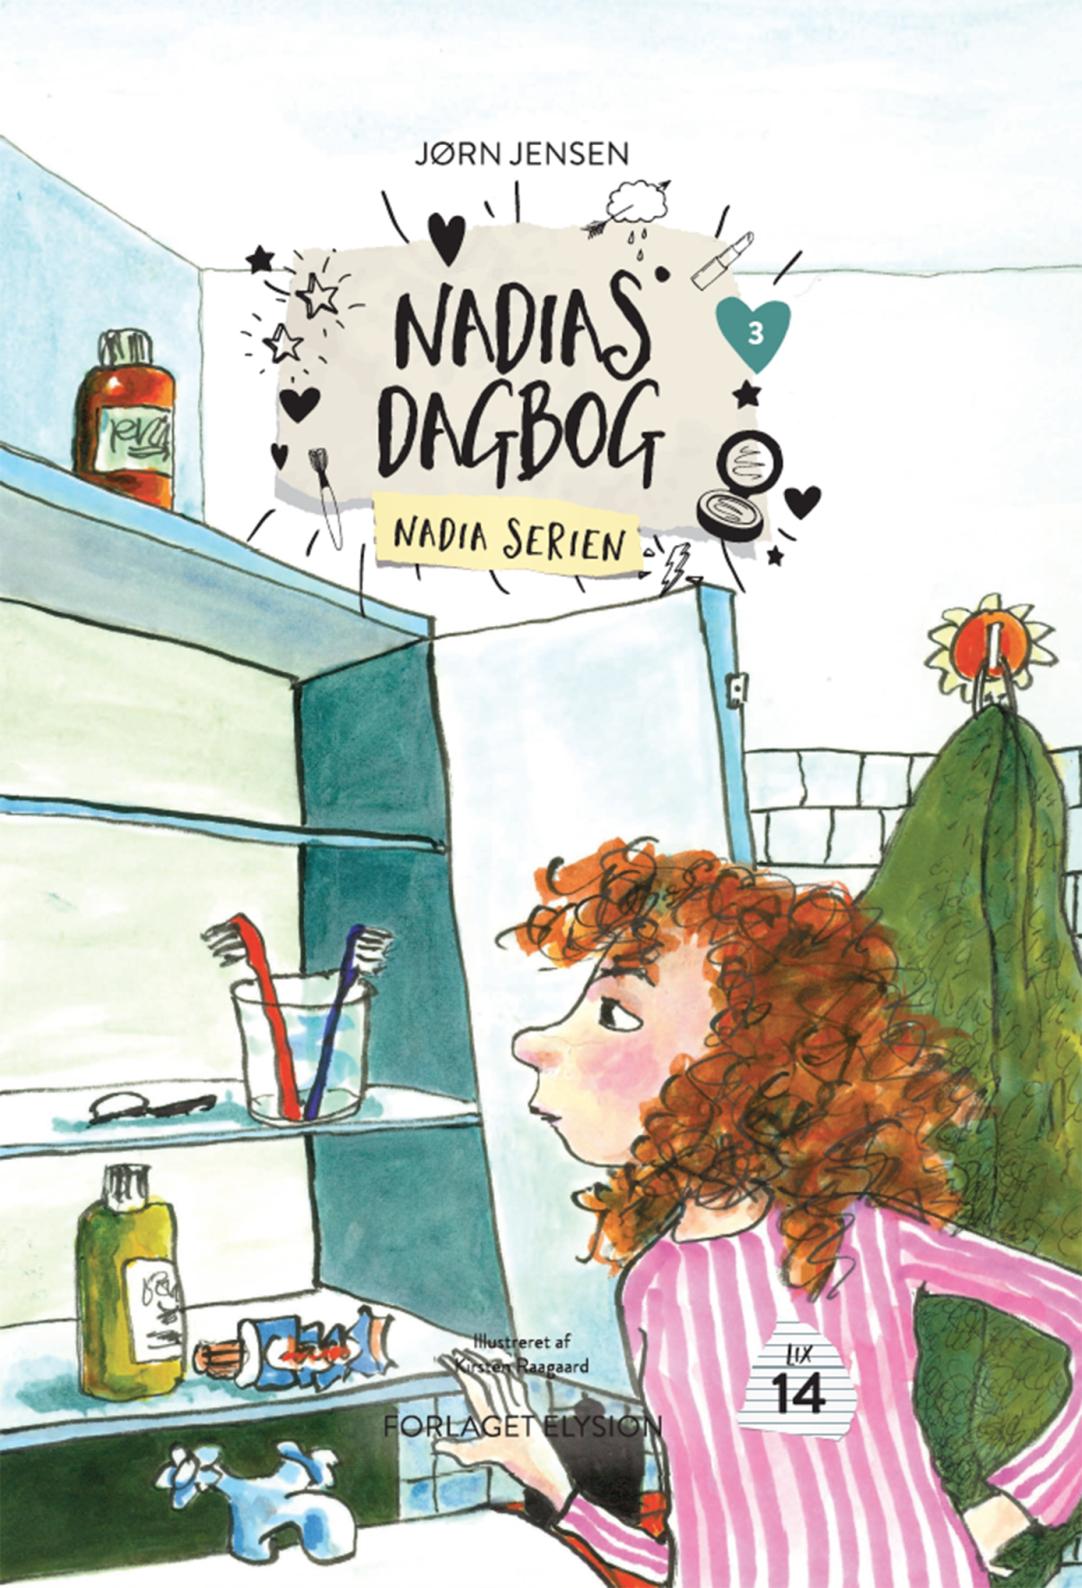 Nadia #3: Nadias dagbog - Maneno